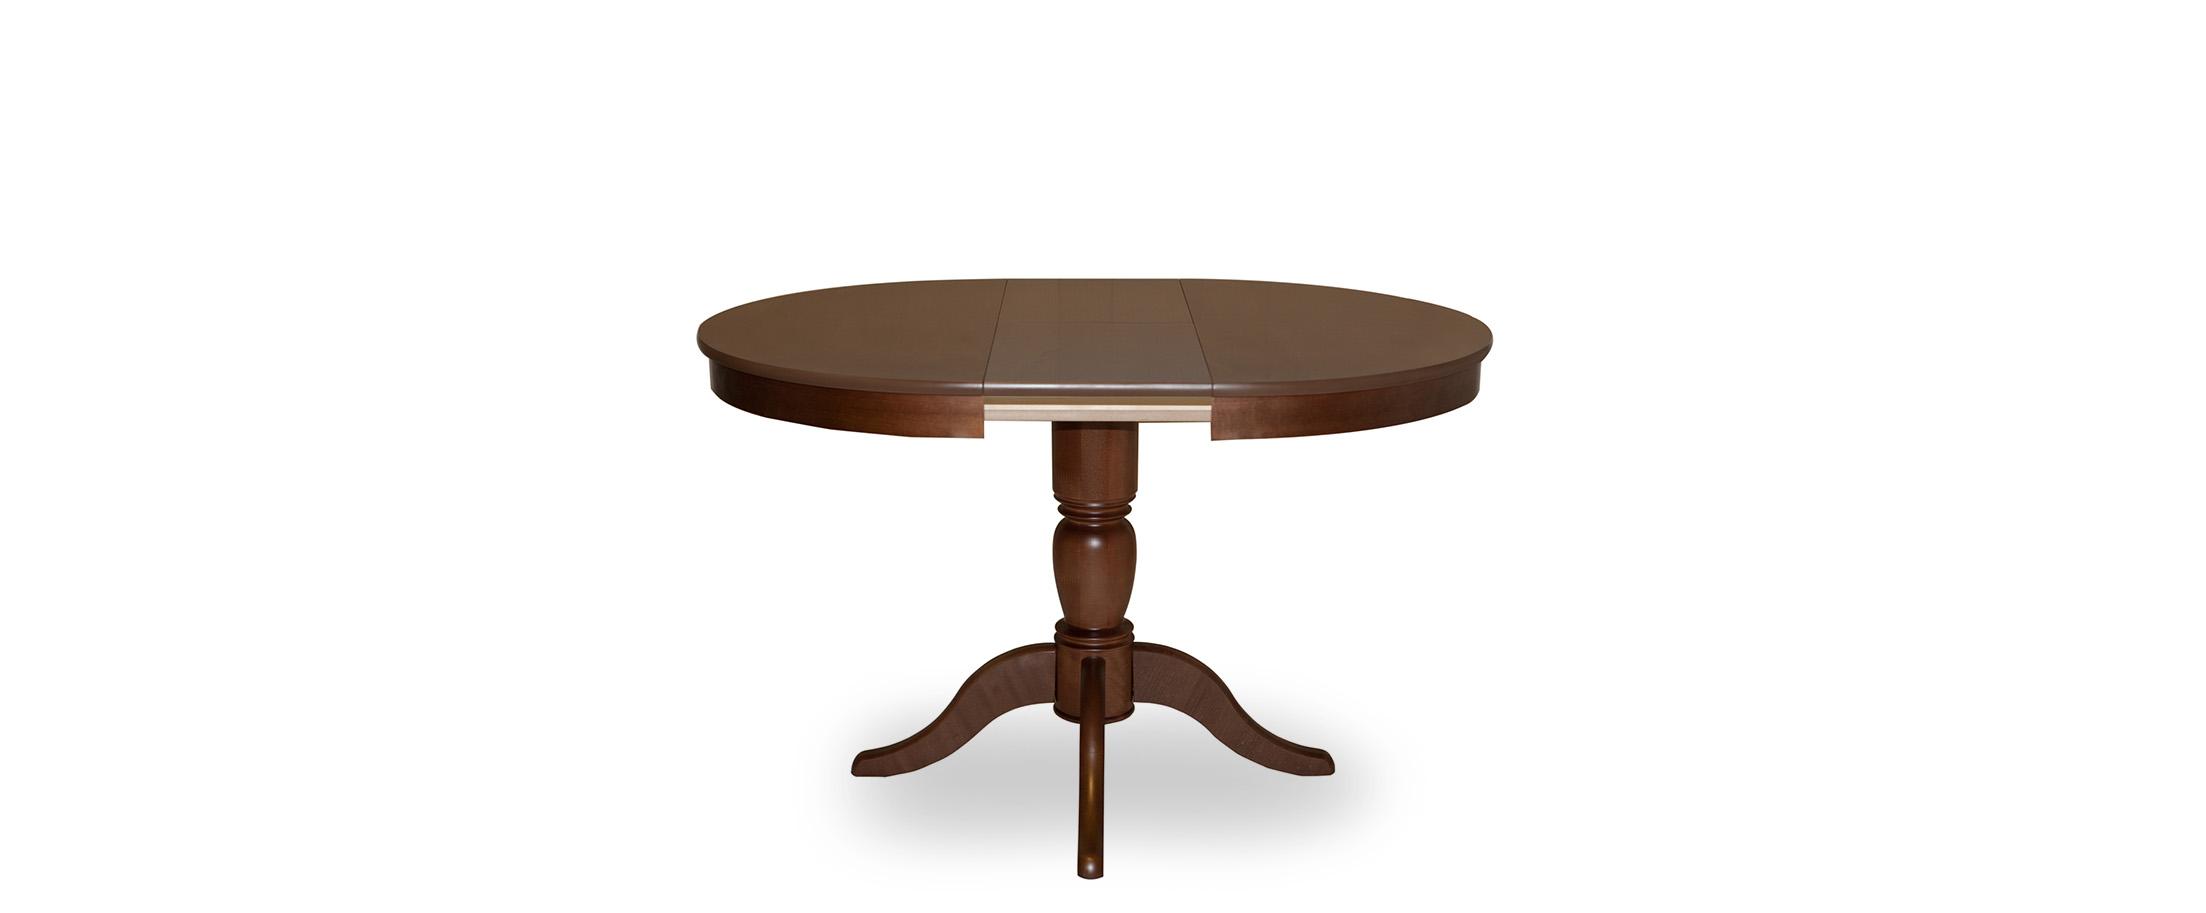 Стол Фламинго 1 Американский орех Модель 370Ножки стола из массива дерева, столешница из шпона МДФ. Не образует трещин, идеально сохраняет компактную круглую форму. Гарантия 18 месяцев. Доставка от 1 дня.<br><br>Ширина см: 90<br>Глубина см: 90<br>Высота см: 75<br>Цвет столешницы: Американский орех<br>Материал столешницы: Шпон МДФ<br>Материал корпуса: Массив бука<br>Цвет корпуса: Американский орех